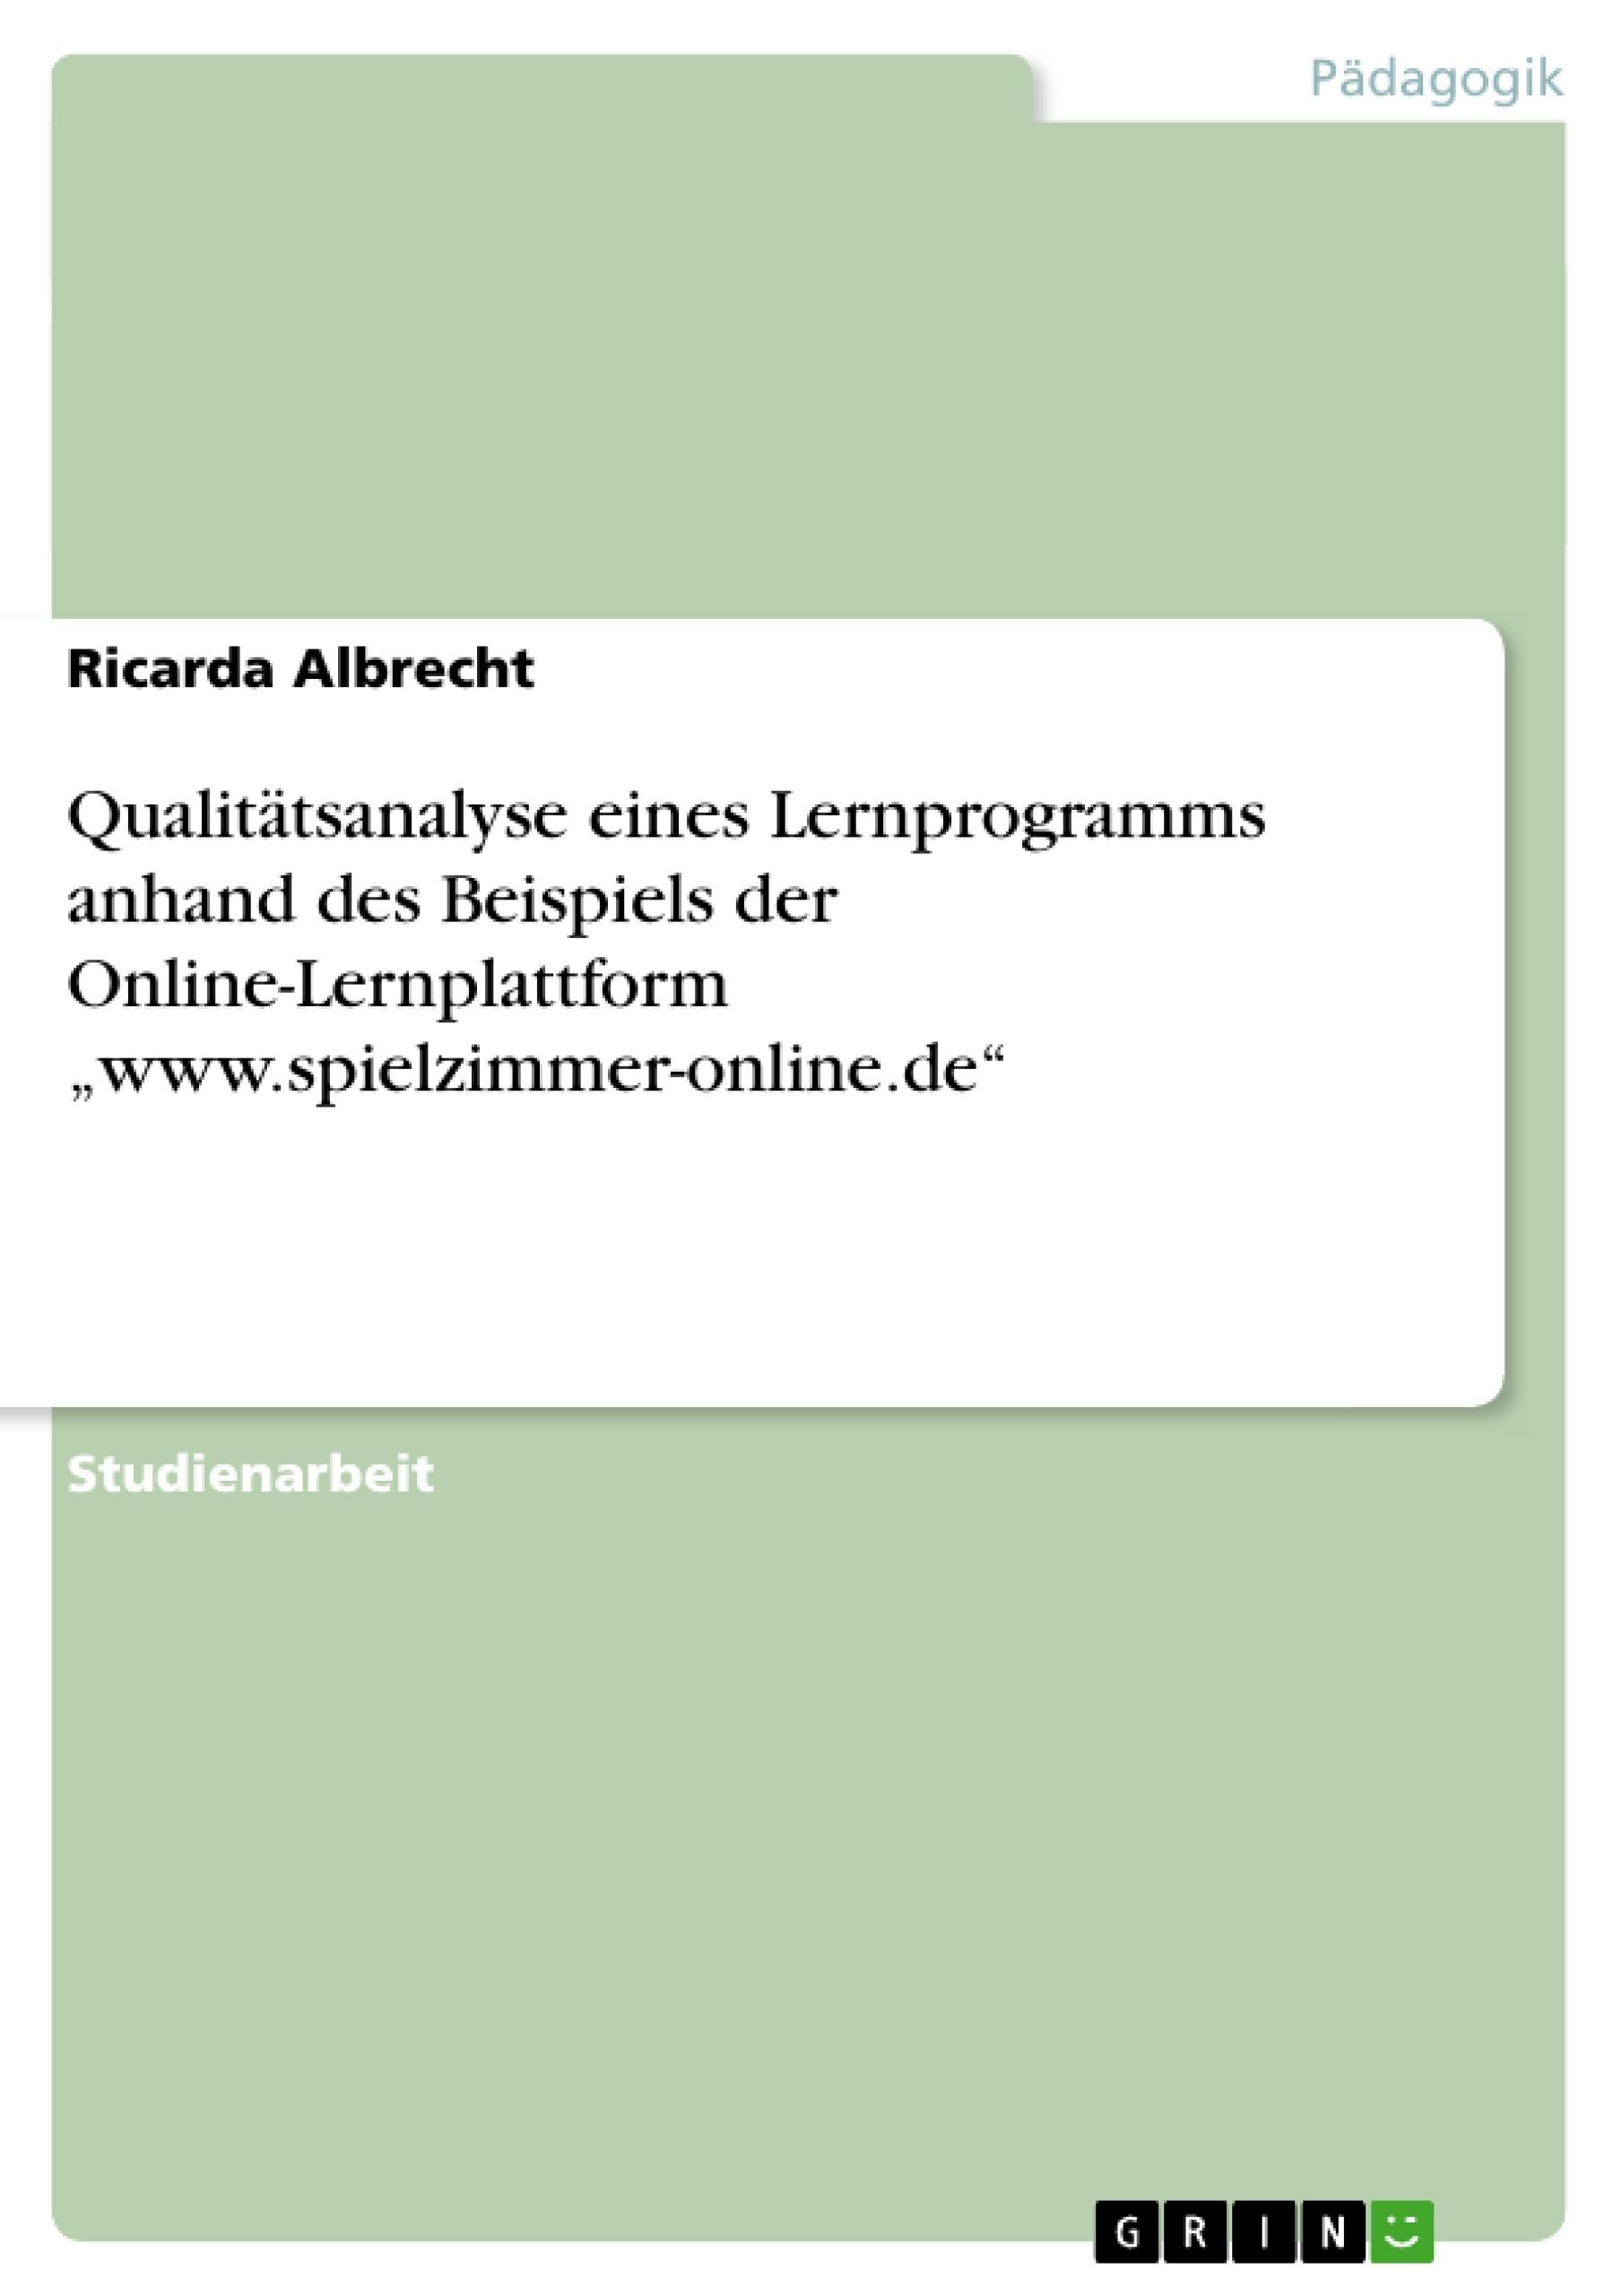 """Titel: Qualitätsanalyse eines Lernprogramms anhand des Beispiels der Online-Lernplattform """"www.spielzimmer-online.de"""""""